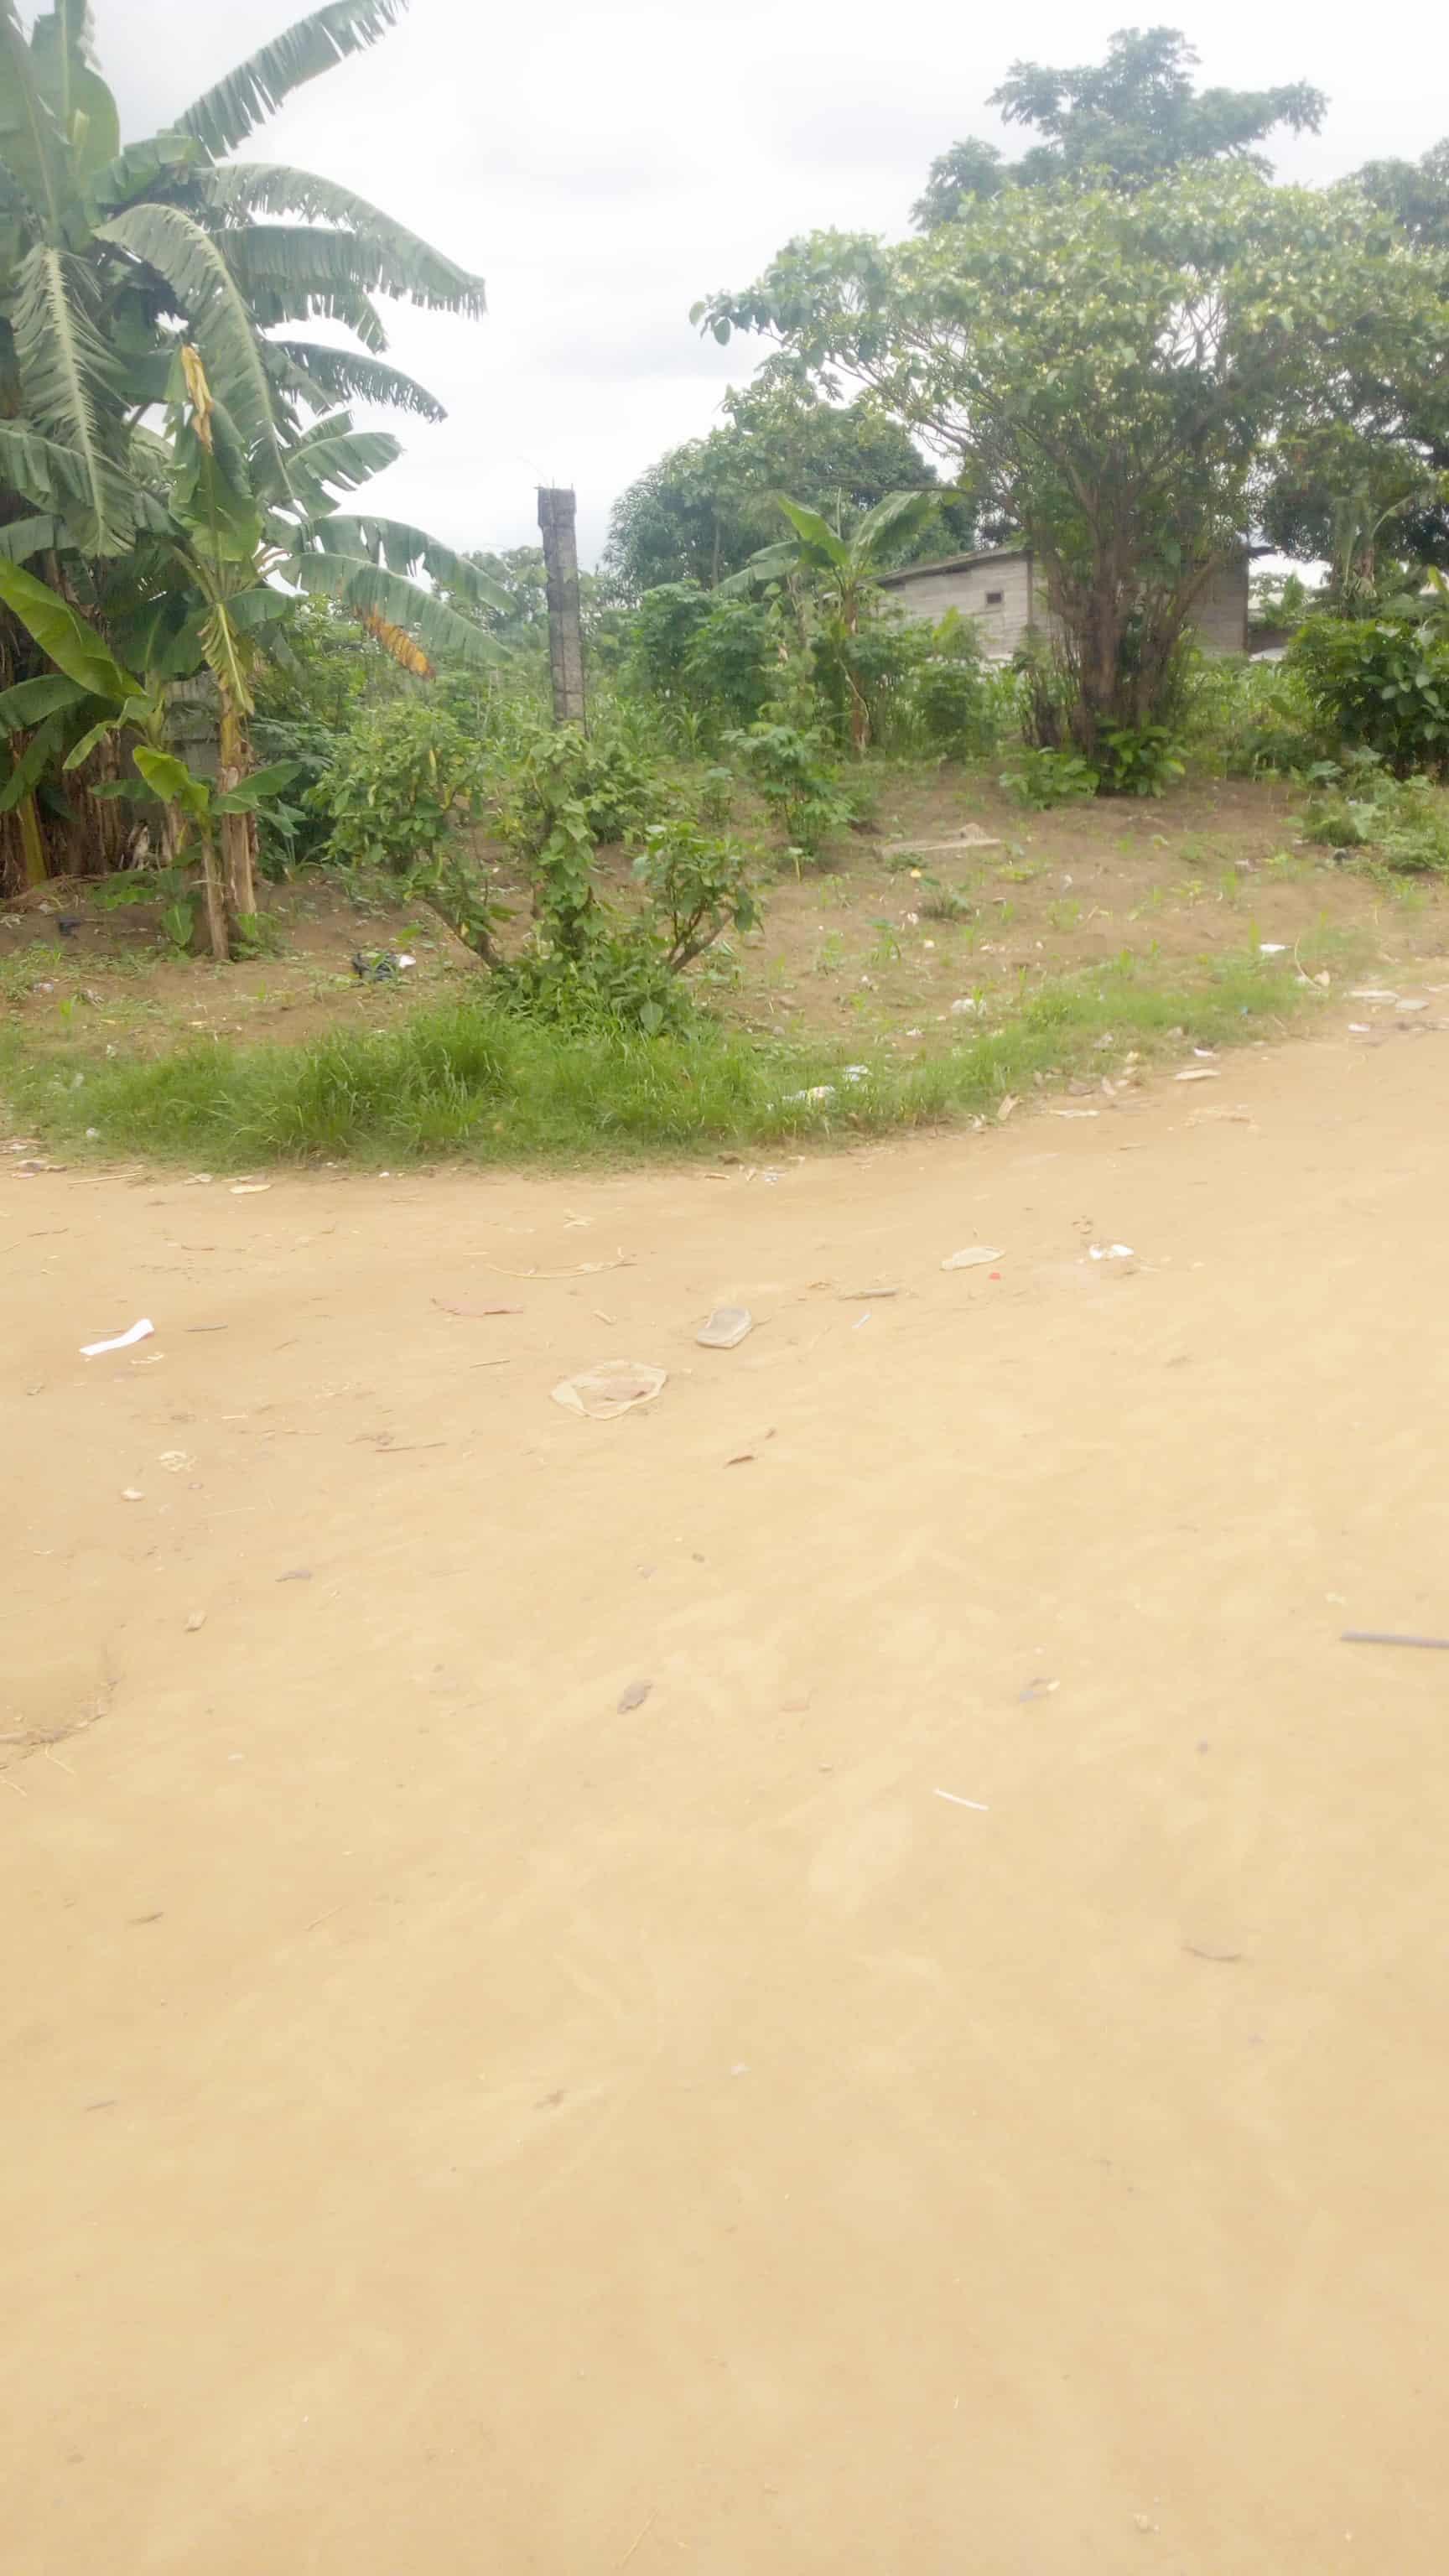 Land for sale at Douala, PK 19, Pk19 - 1000 m2 - 7 000 000 FCFA